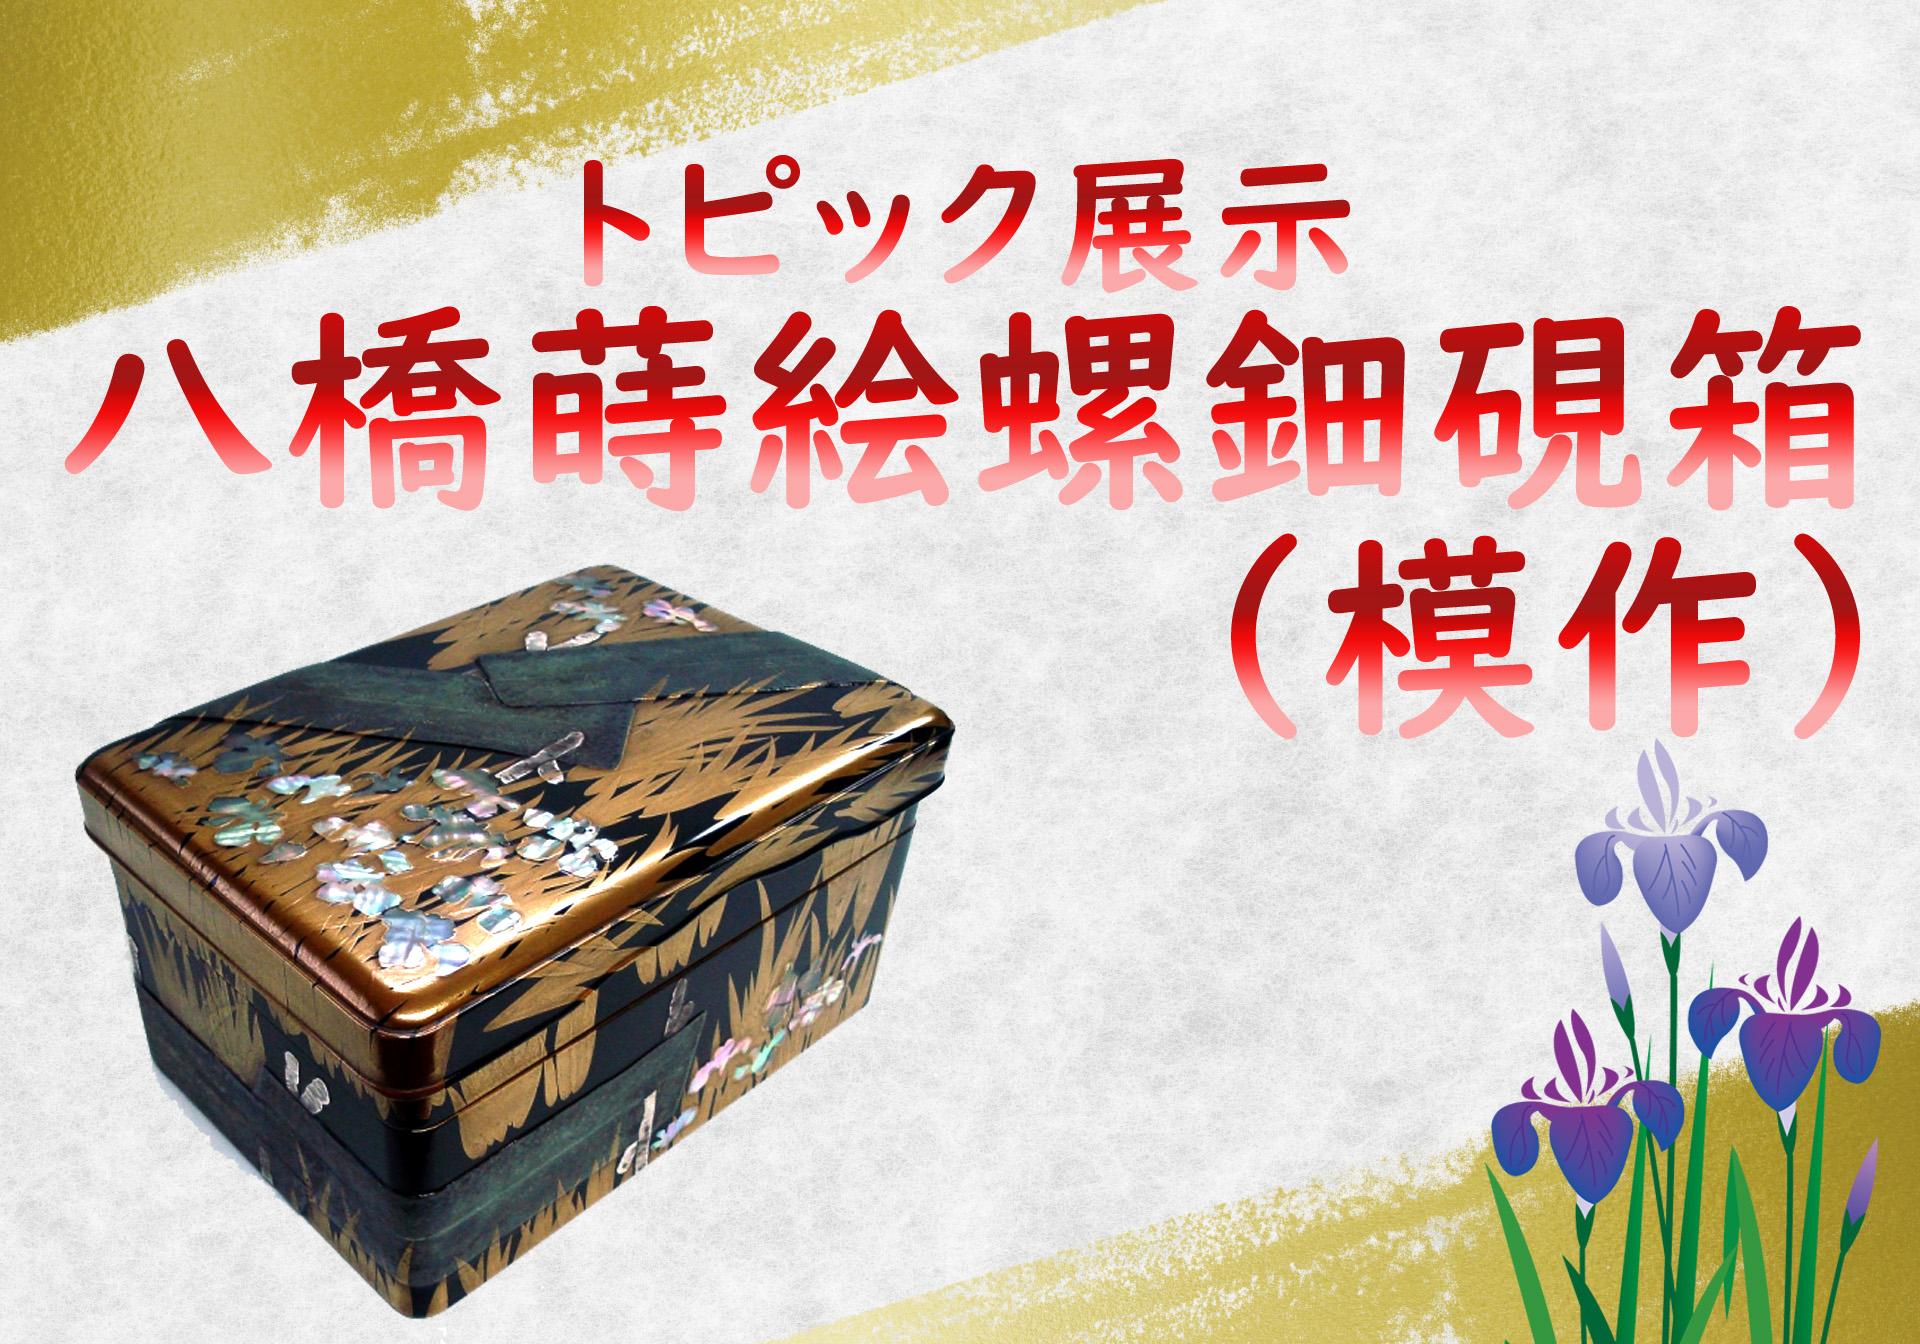 川内歴史資料館のトピック展示「見てみよう!八橋蒔絵螺鈿硯箱(模作)」